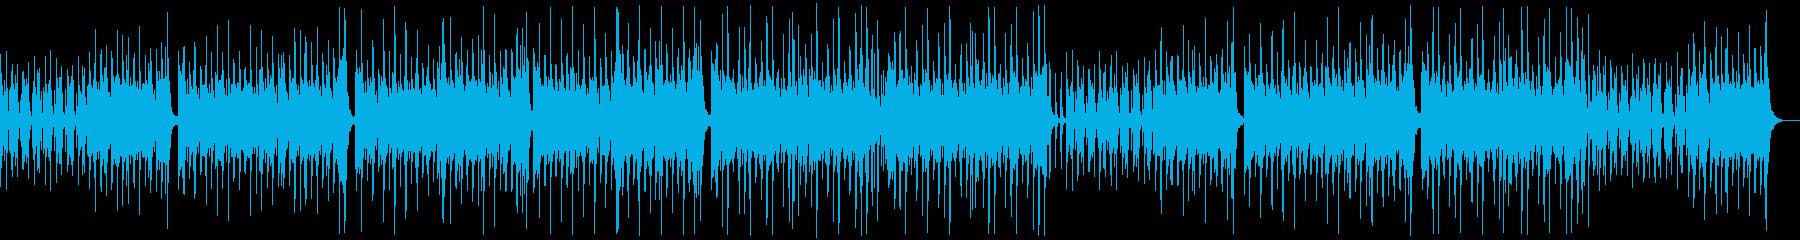 のんびり楽しいレゲエポップ:ピアノ無しの再生済みの波形